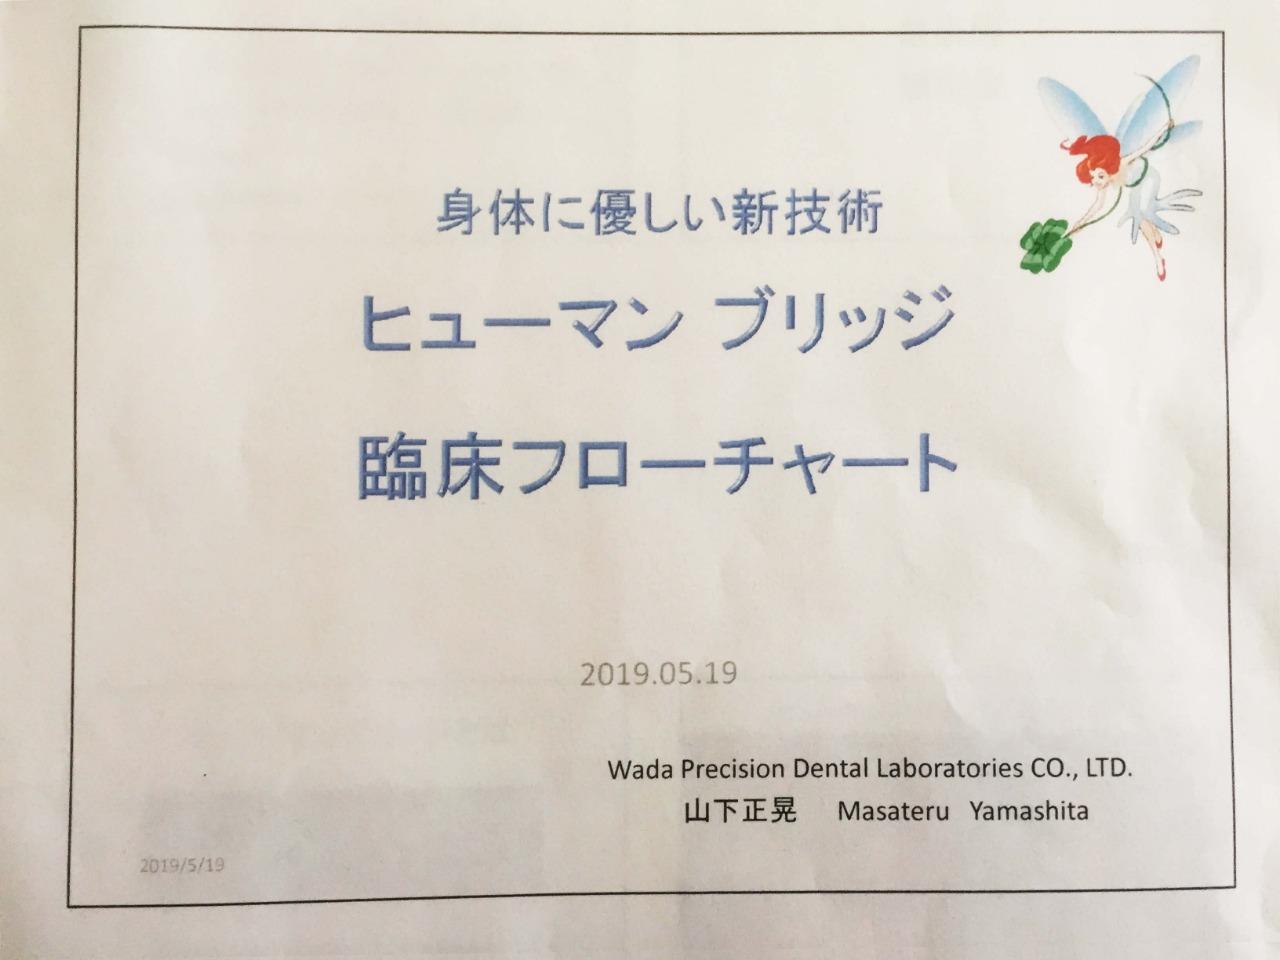 和田精密歯研株式会社主催セミナー